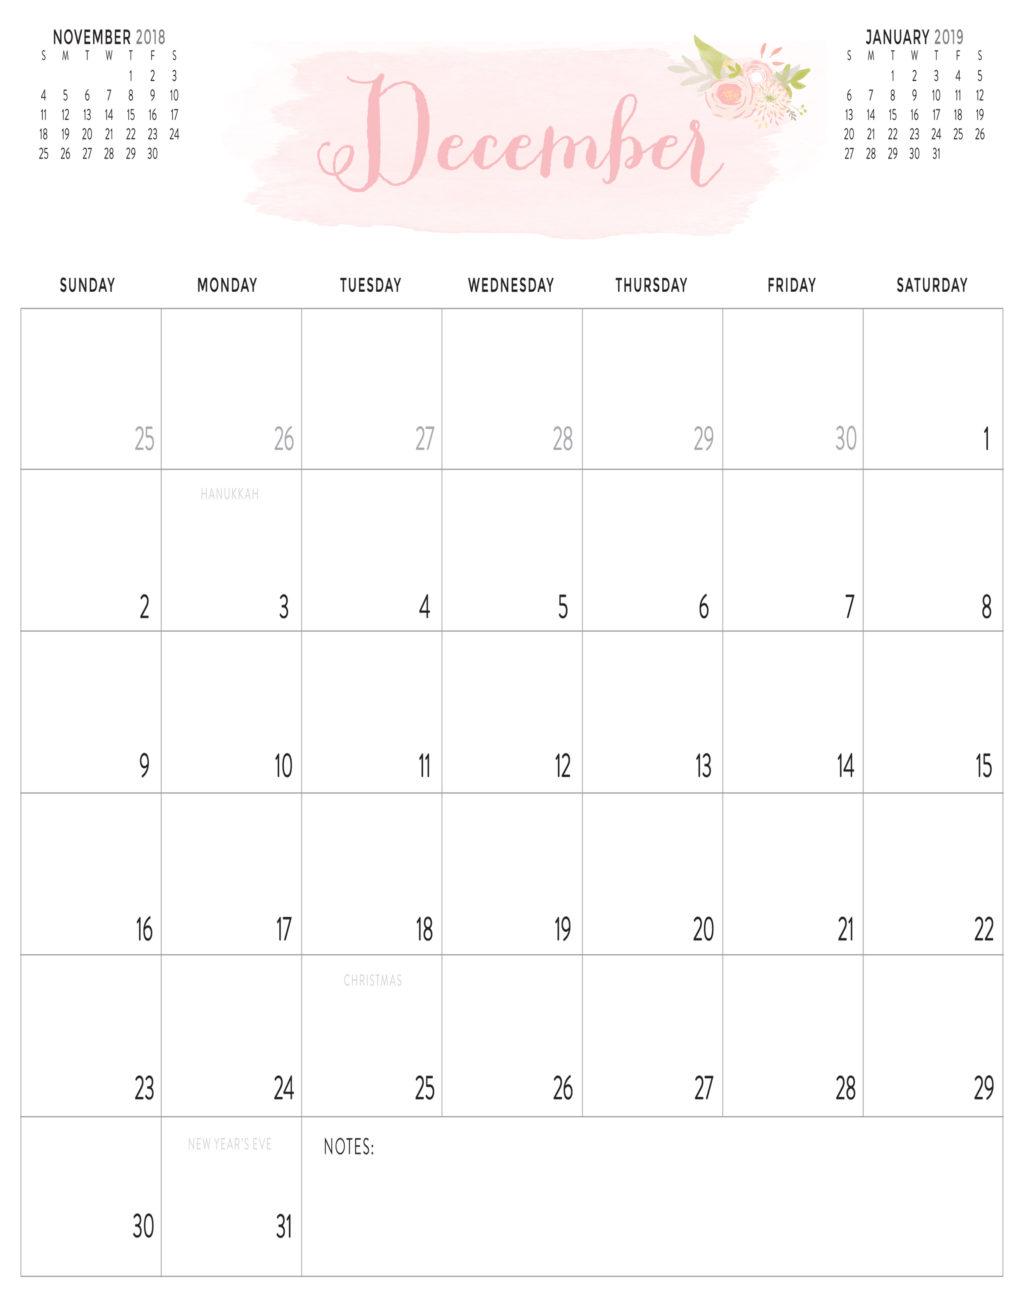 2018 blush calendar portrait landscape